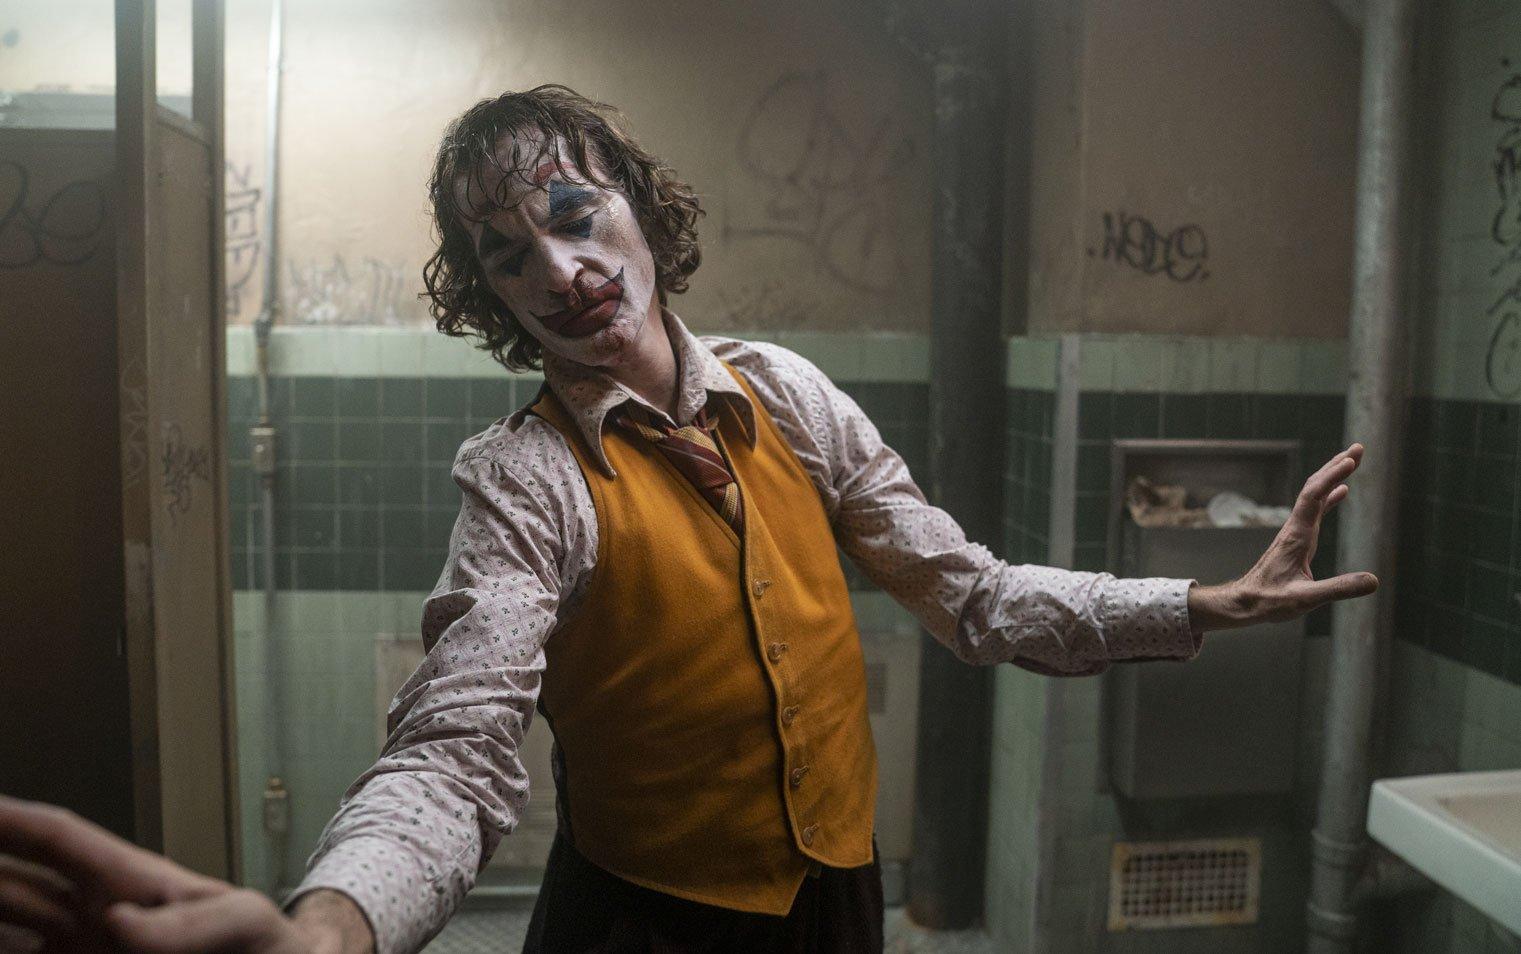 Film still from Joker of Arthur Fleck (Joaquin Phoenix) dancing in bathroom